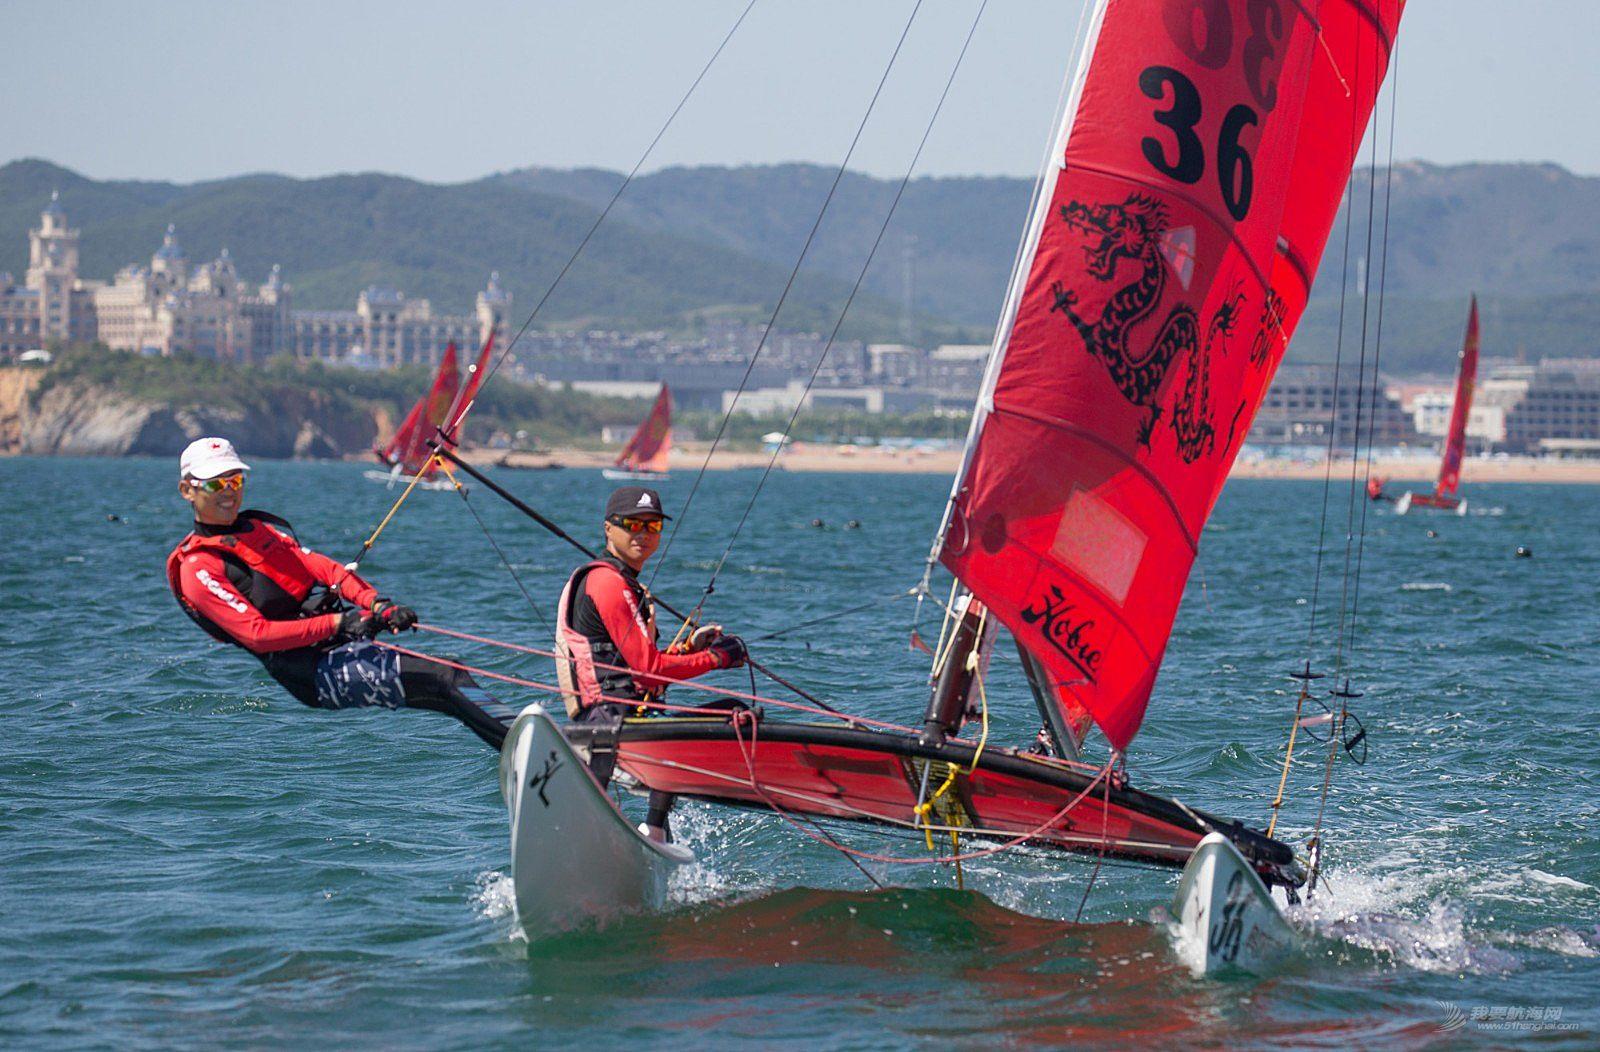 2018鲁能.希尔顿杯大连金石滩国际帆船邀请赛赛事图片贴4